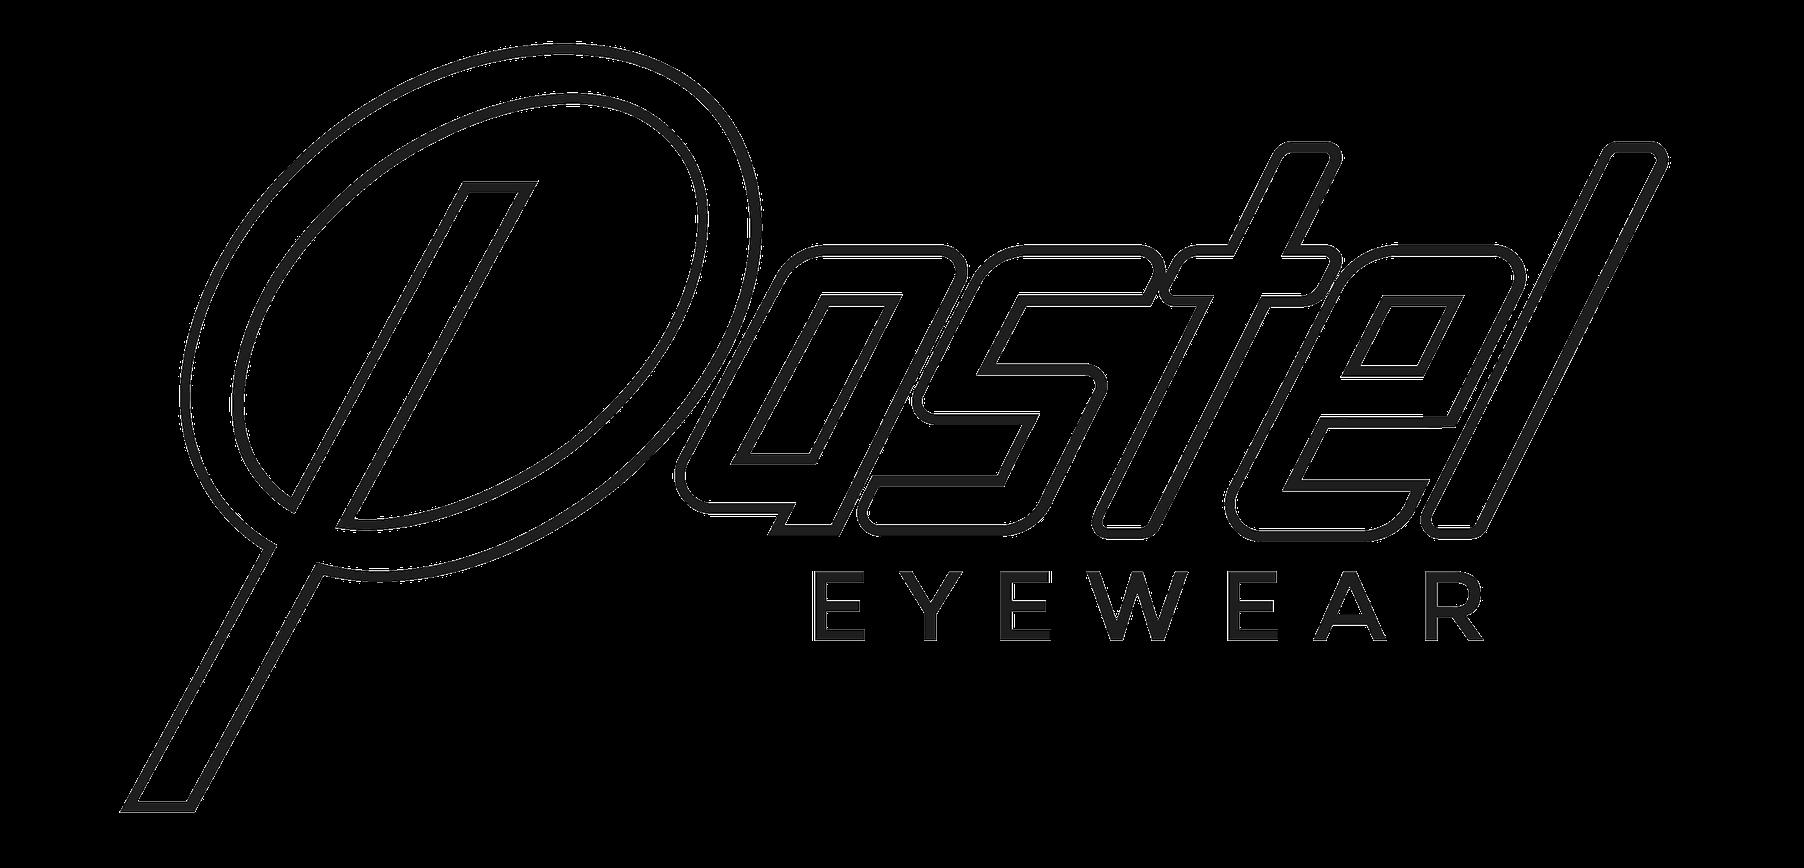 Pastel eyewear logo